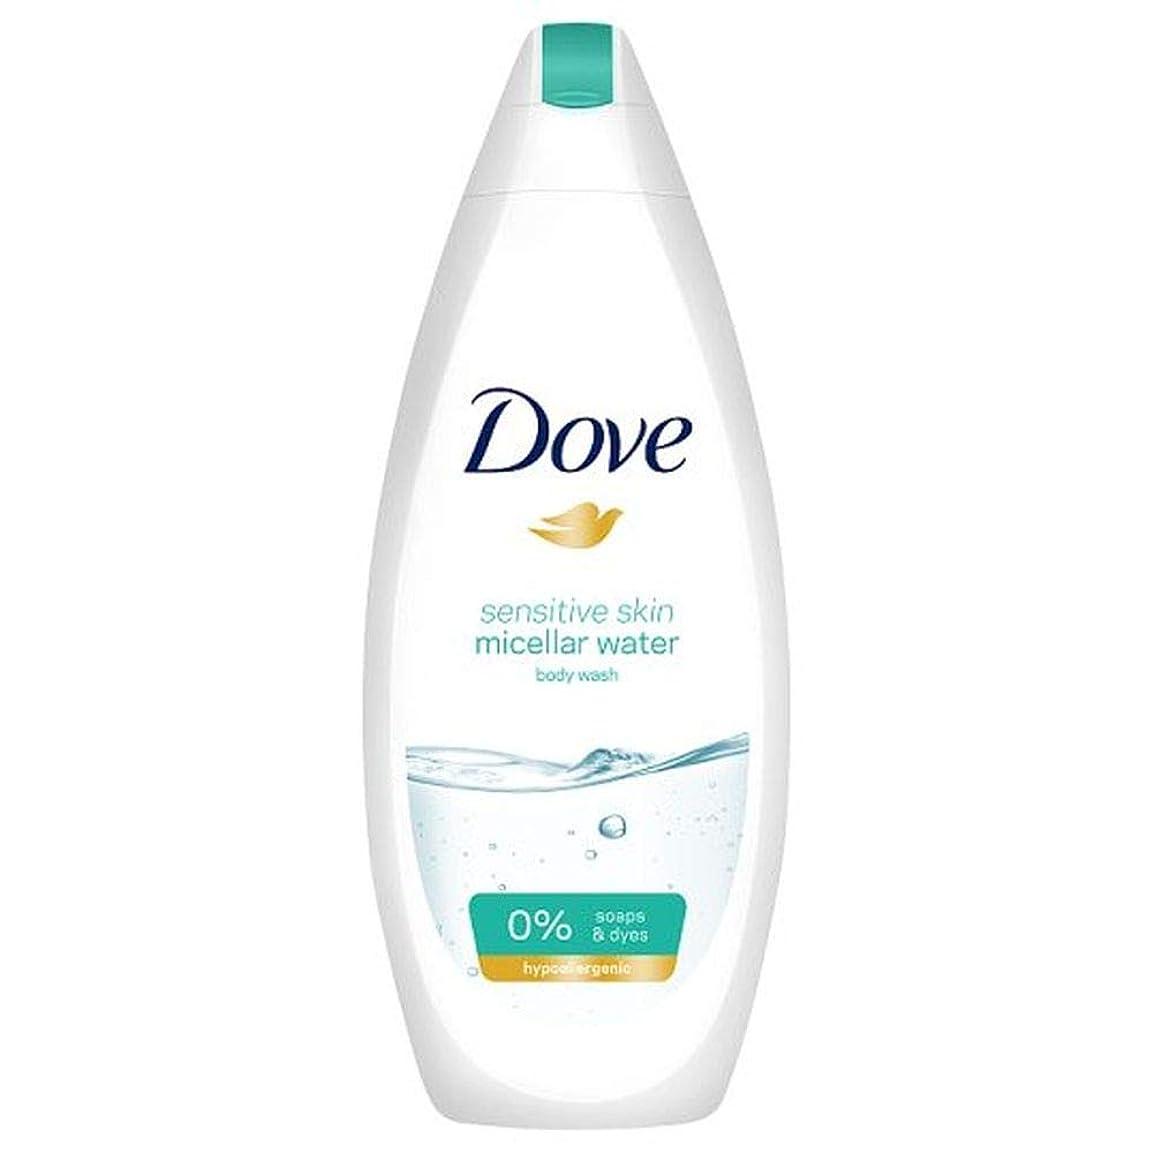 再開クリープ序文[Dove] 鳩ミセルボディウォッシュ敏感肌用500ミリリットル - Dove Micellar Body Wash Sensitive Skin 500Ml [並行輸入品]